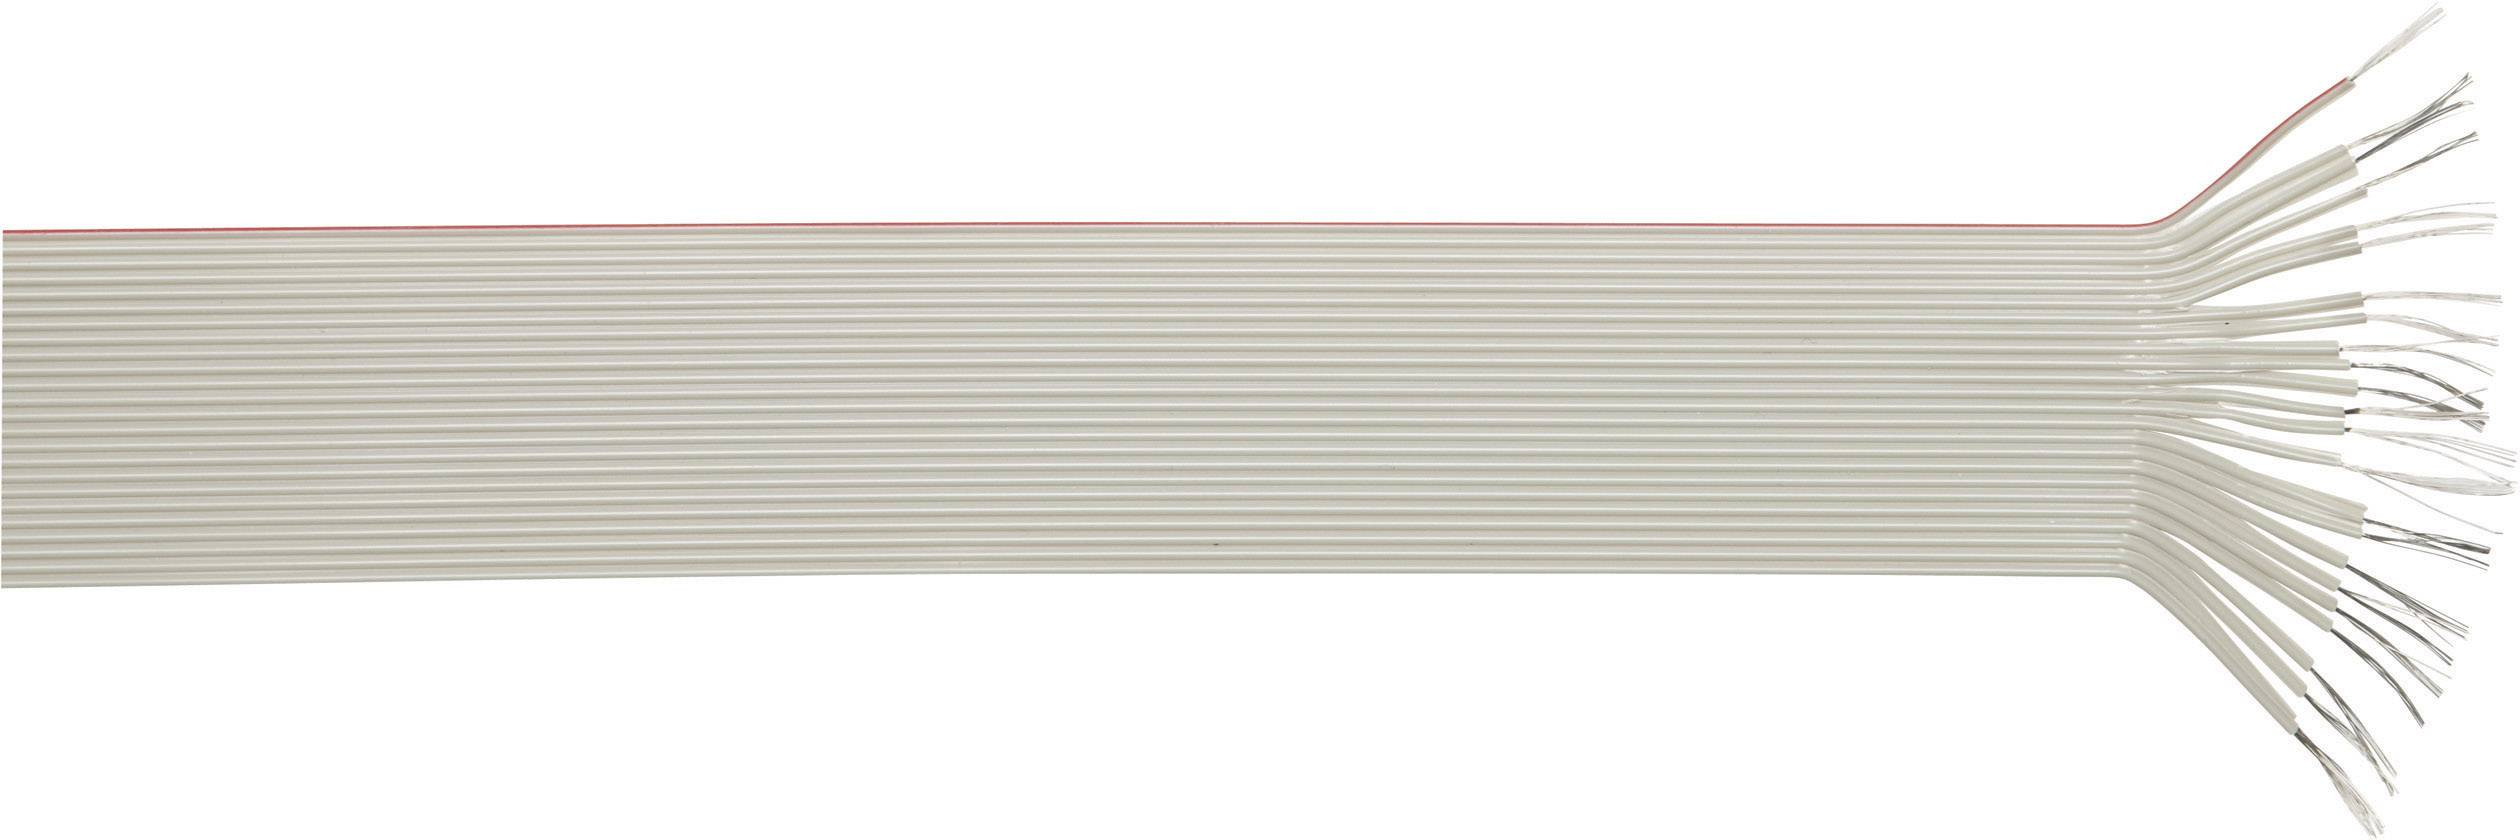 Plochý kábel LappKabel 49900045, rozteč 2.5 mm, 8 x 0.23 mm², sivá, metrový tovar